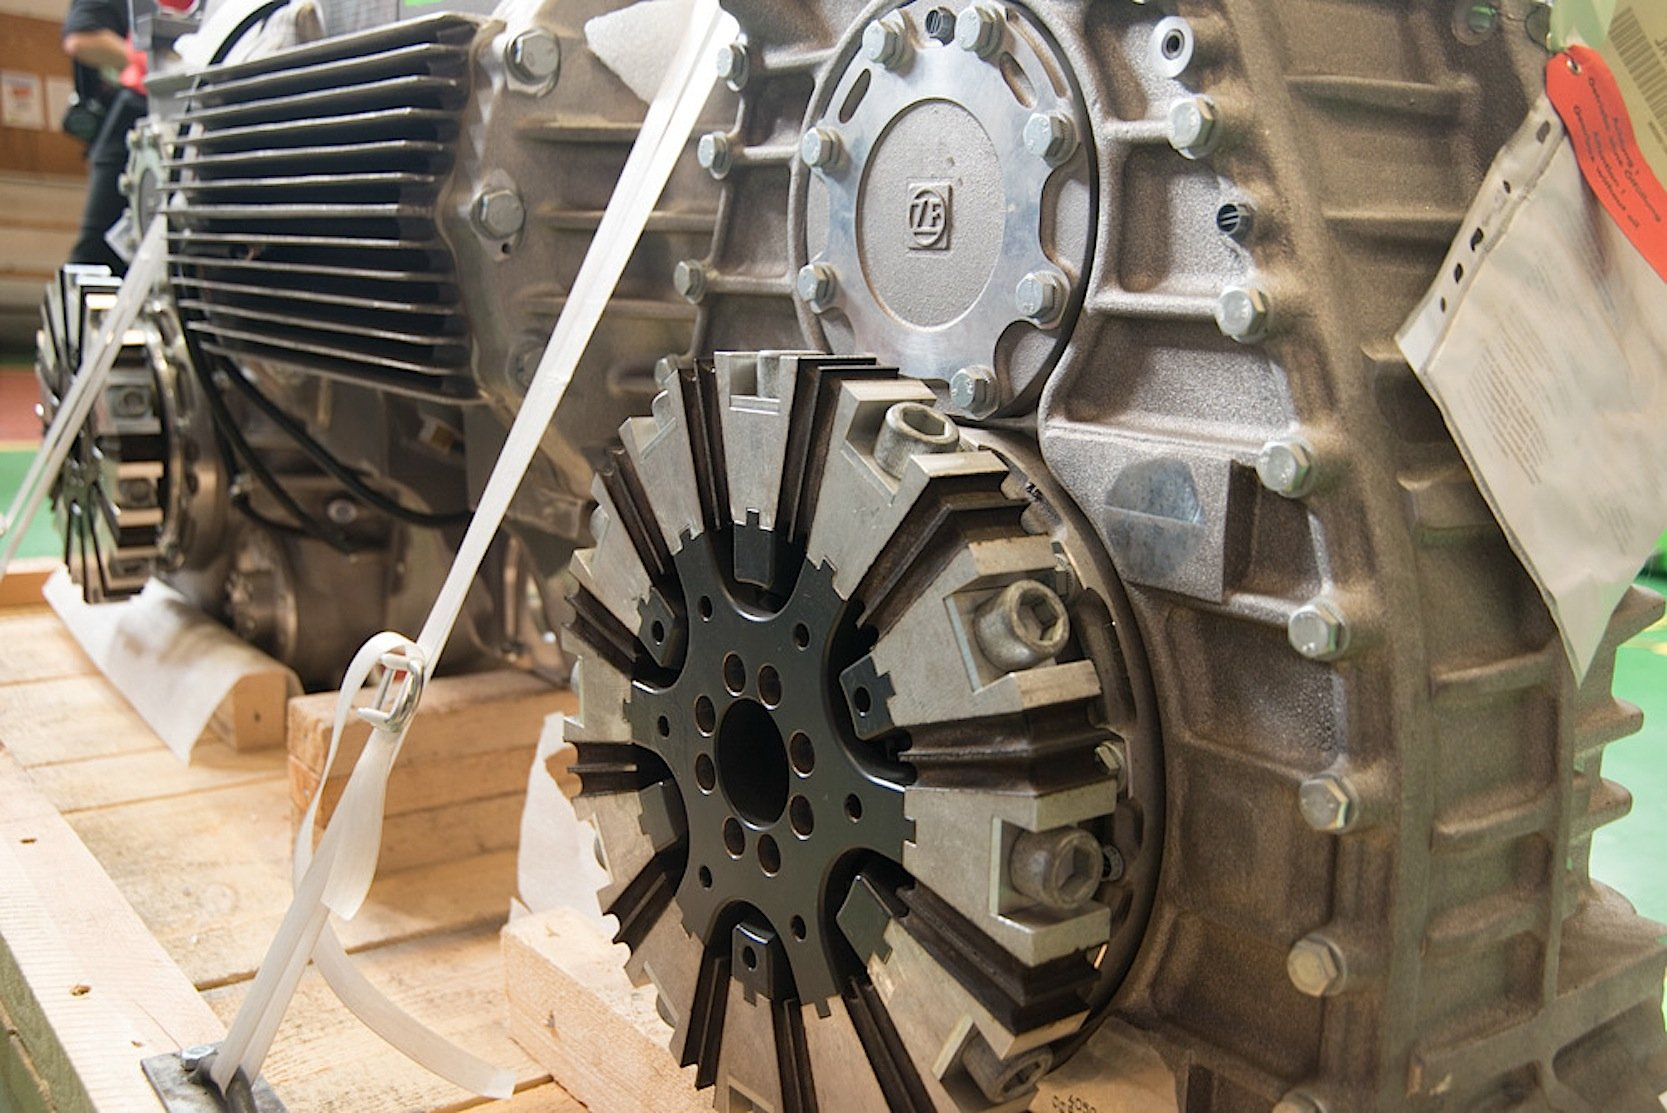 Die speziell für die Schwebebahn entwickelten Getriebe lieferte ZF. Die Elektromotoren stammen von Vossloh Kiepe.